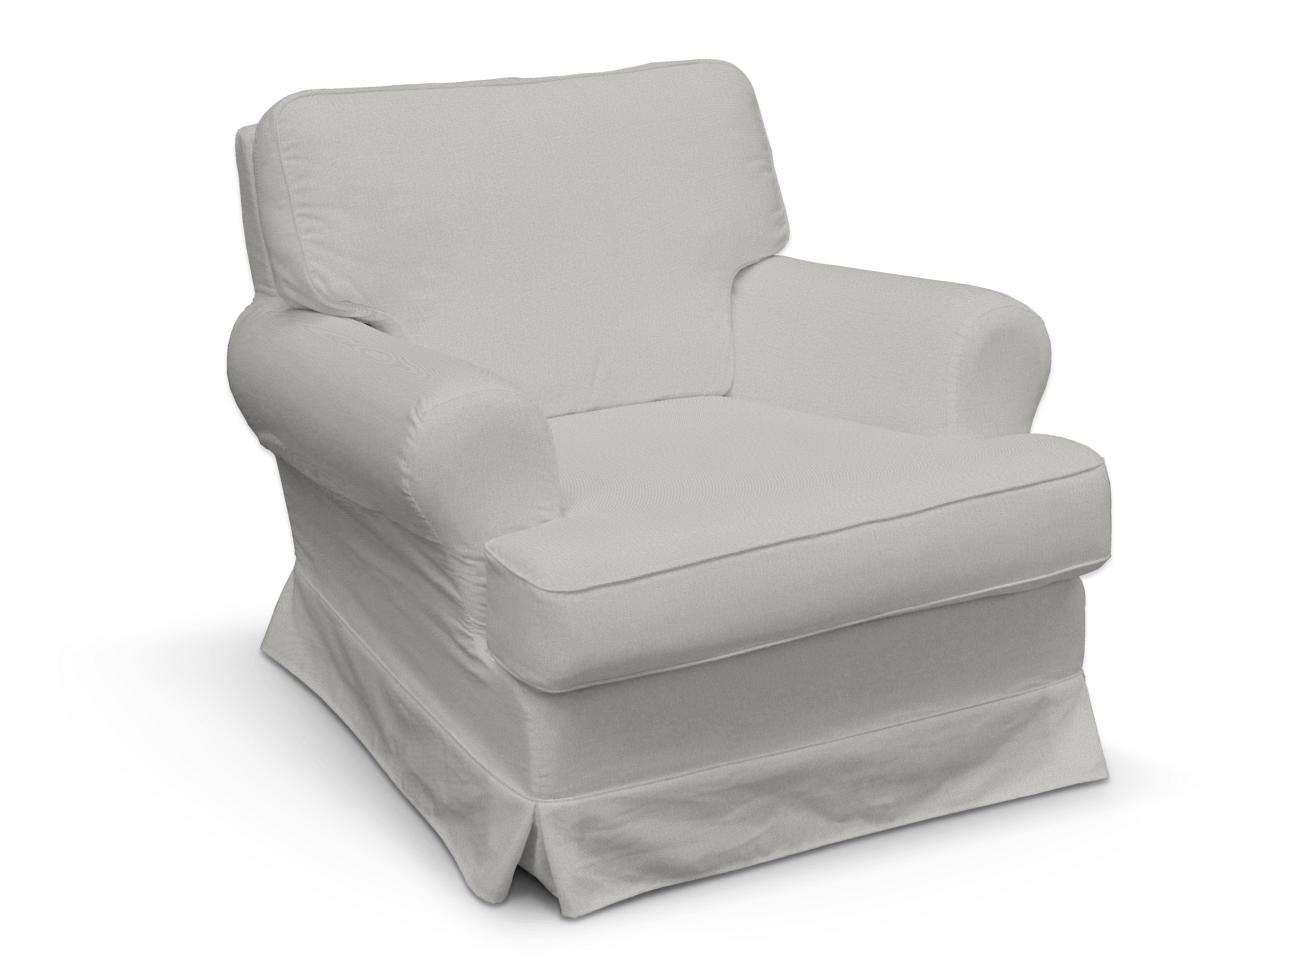 Pokrowiec na fotel Barkaby w kolekcji Etna, tkanina: 705-90